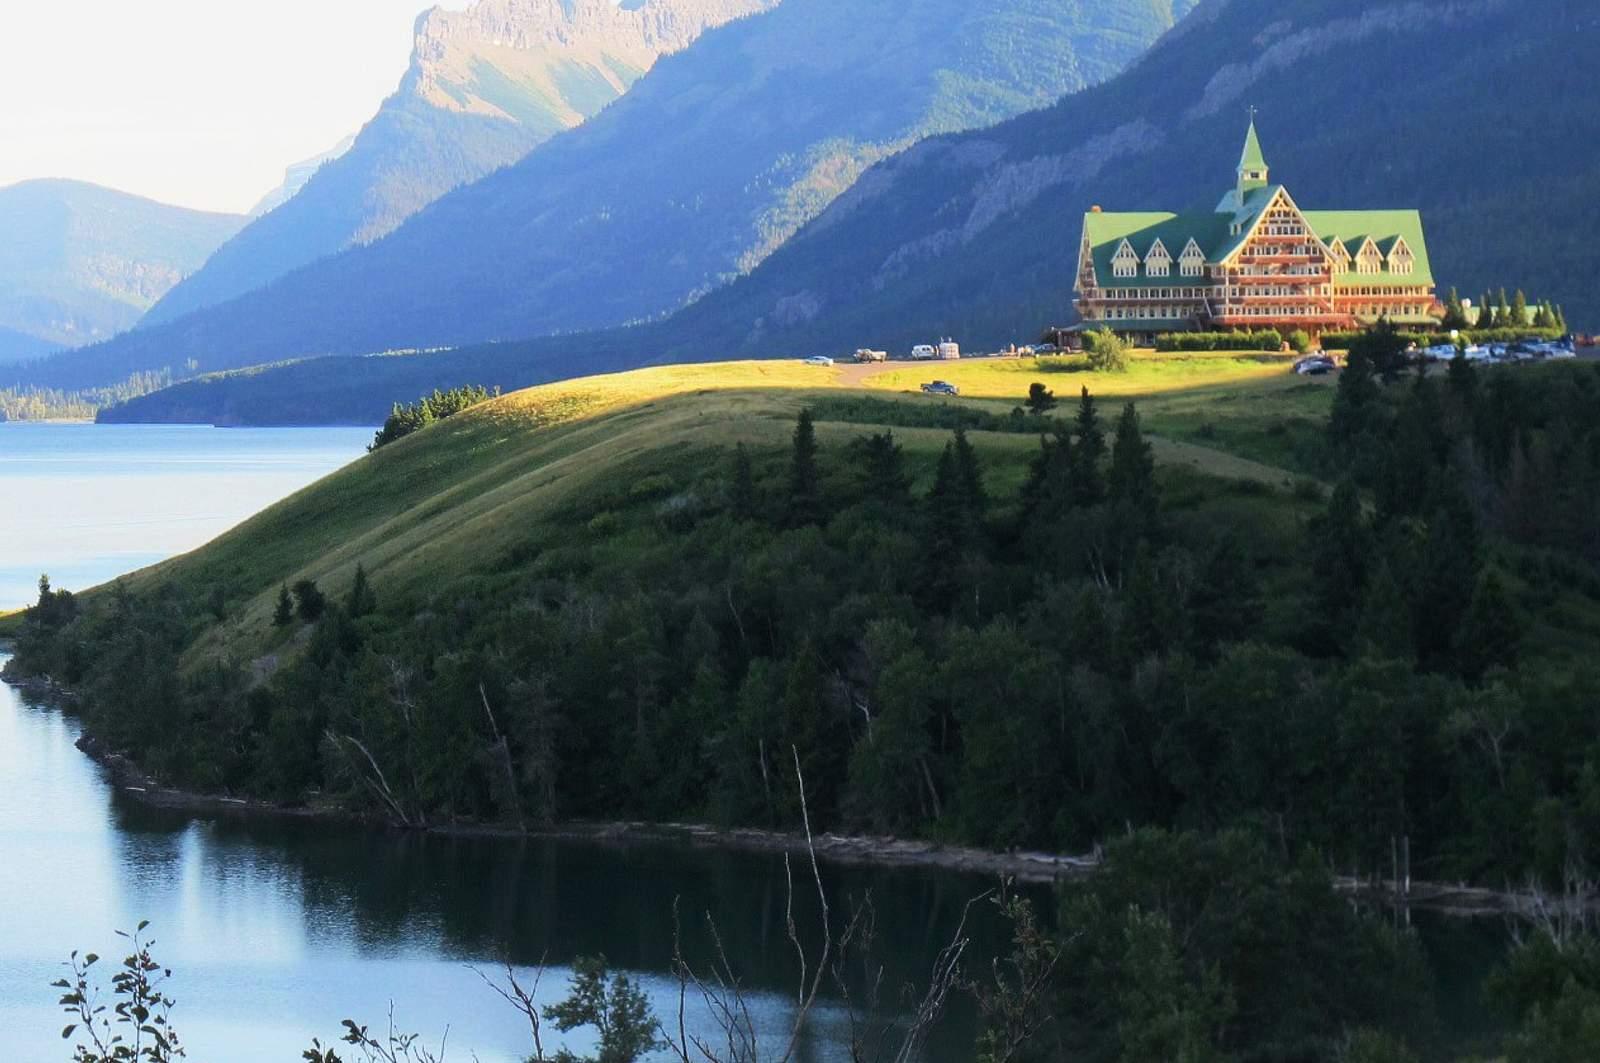 Aussenansicht des Prince of Wales Hotel in Waterton Park, Alberta